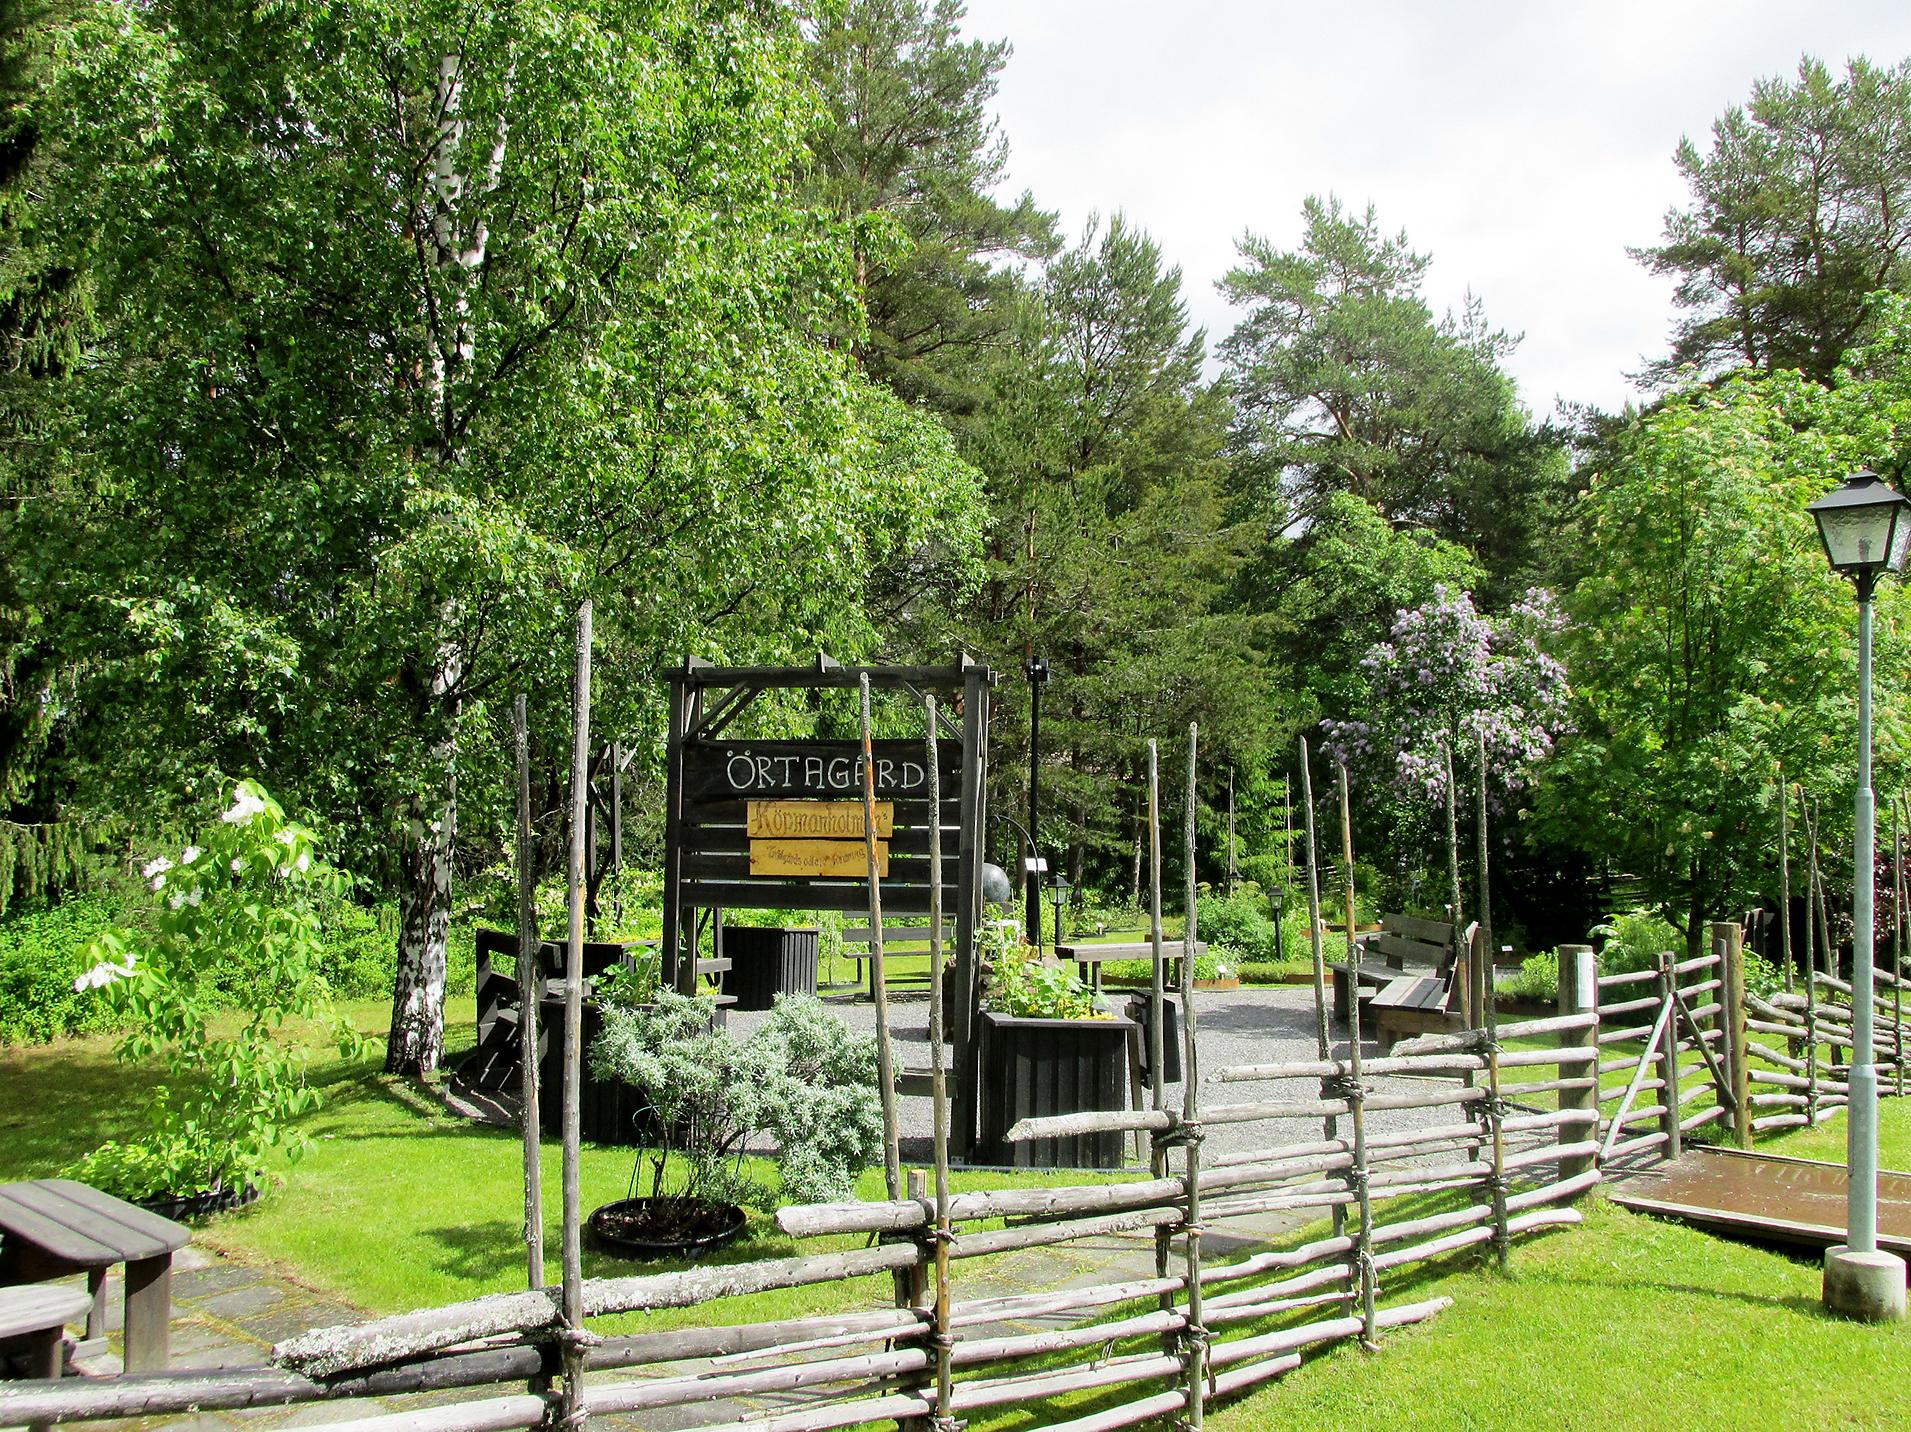 Ingeborg Hedberg lät starta ett av Sveriges första dagis, Solgården. När den kommunala daghemsverksamheten byggdes ut övertog kommunen verksamheten och när den flyttades övertog samhällsföreningen Solgården och den blev en örtagård. Örtagården ligger numera vid brukskyrkan och tillhör trädgårdsodlarföreningen.  Foto: Roland Näslund